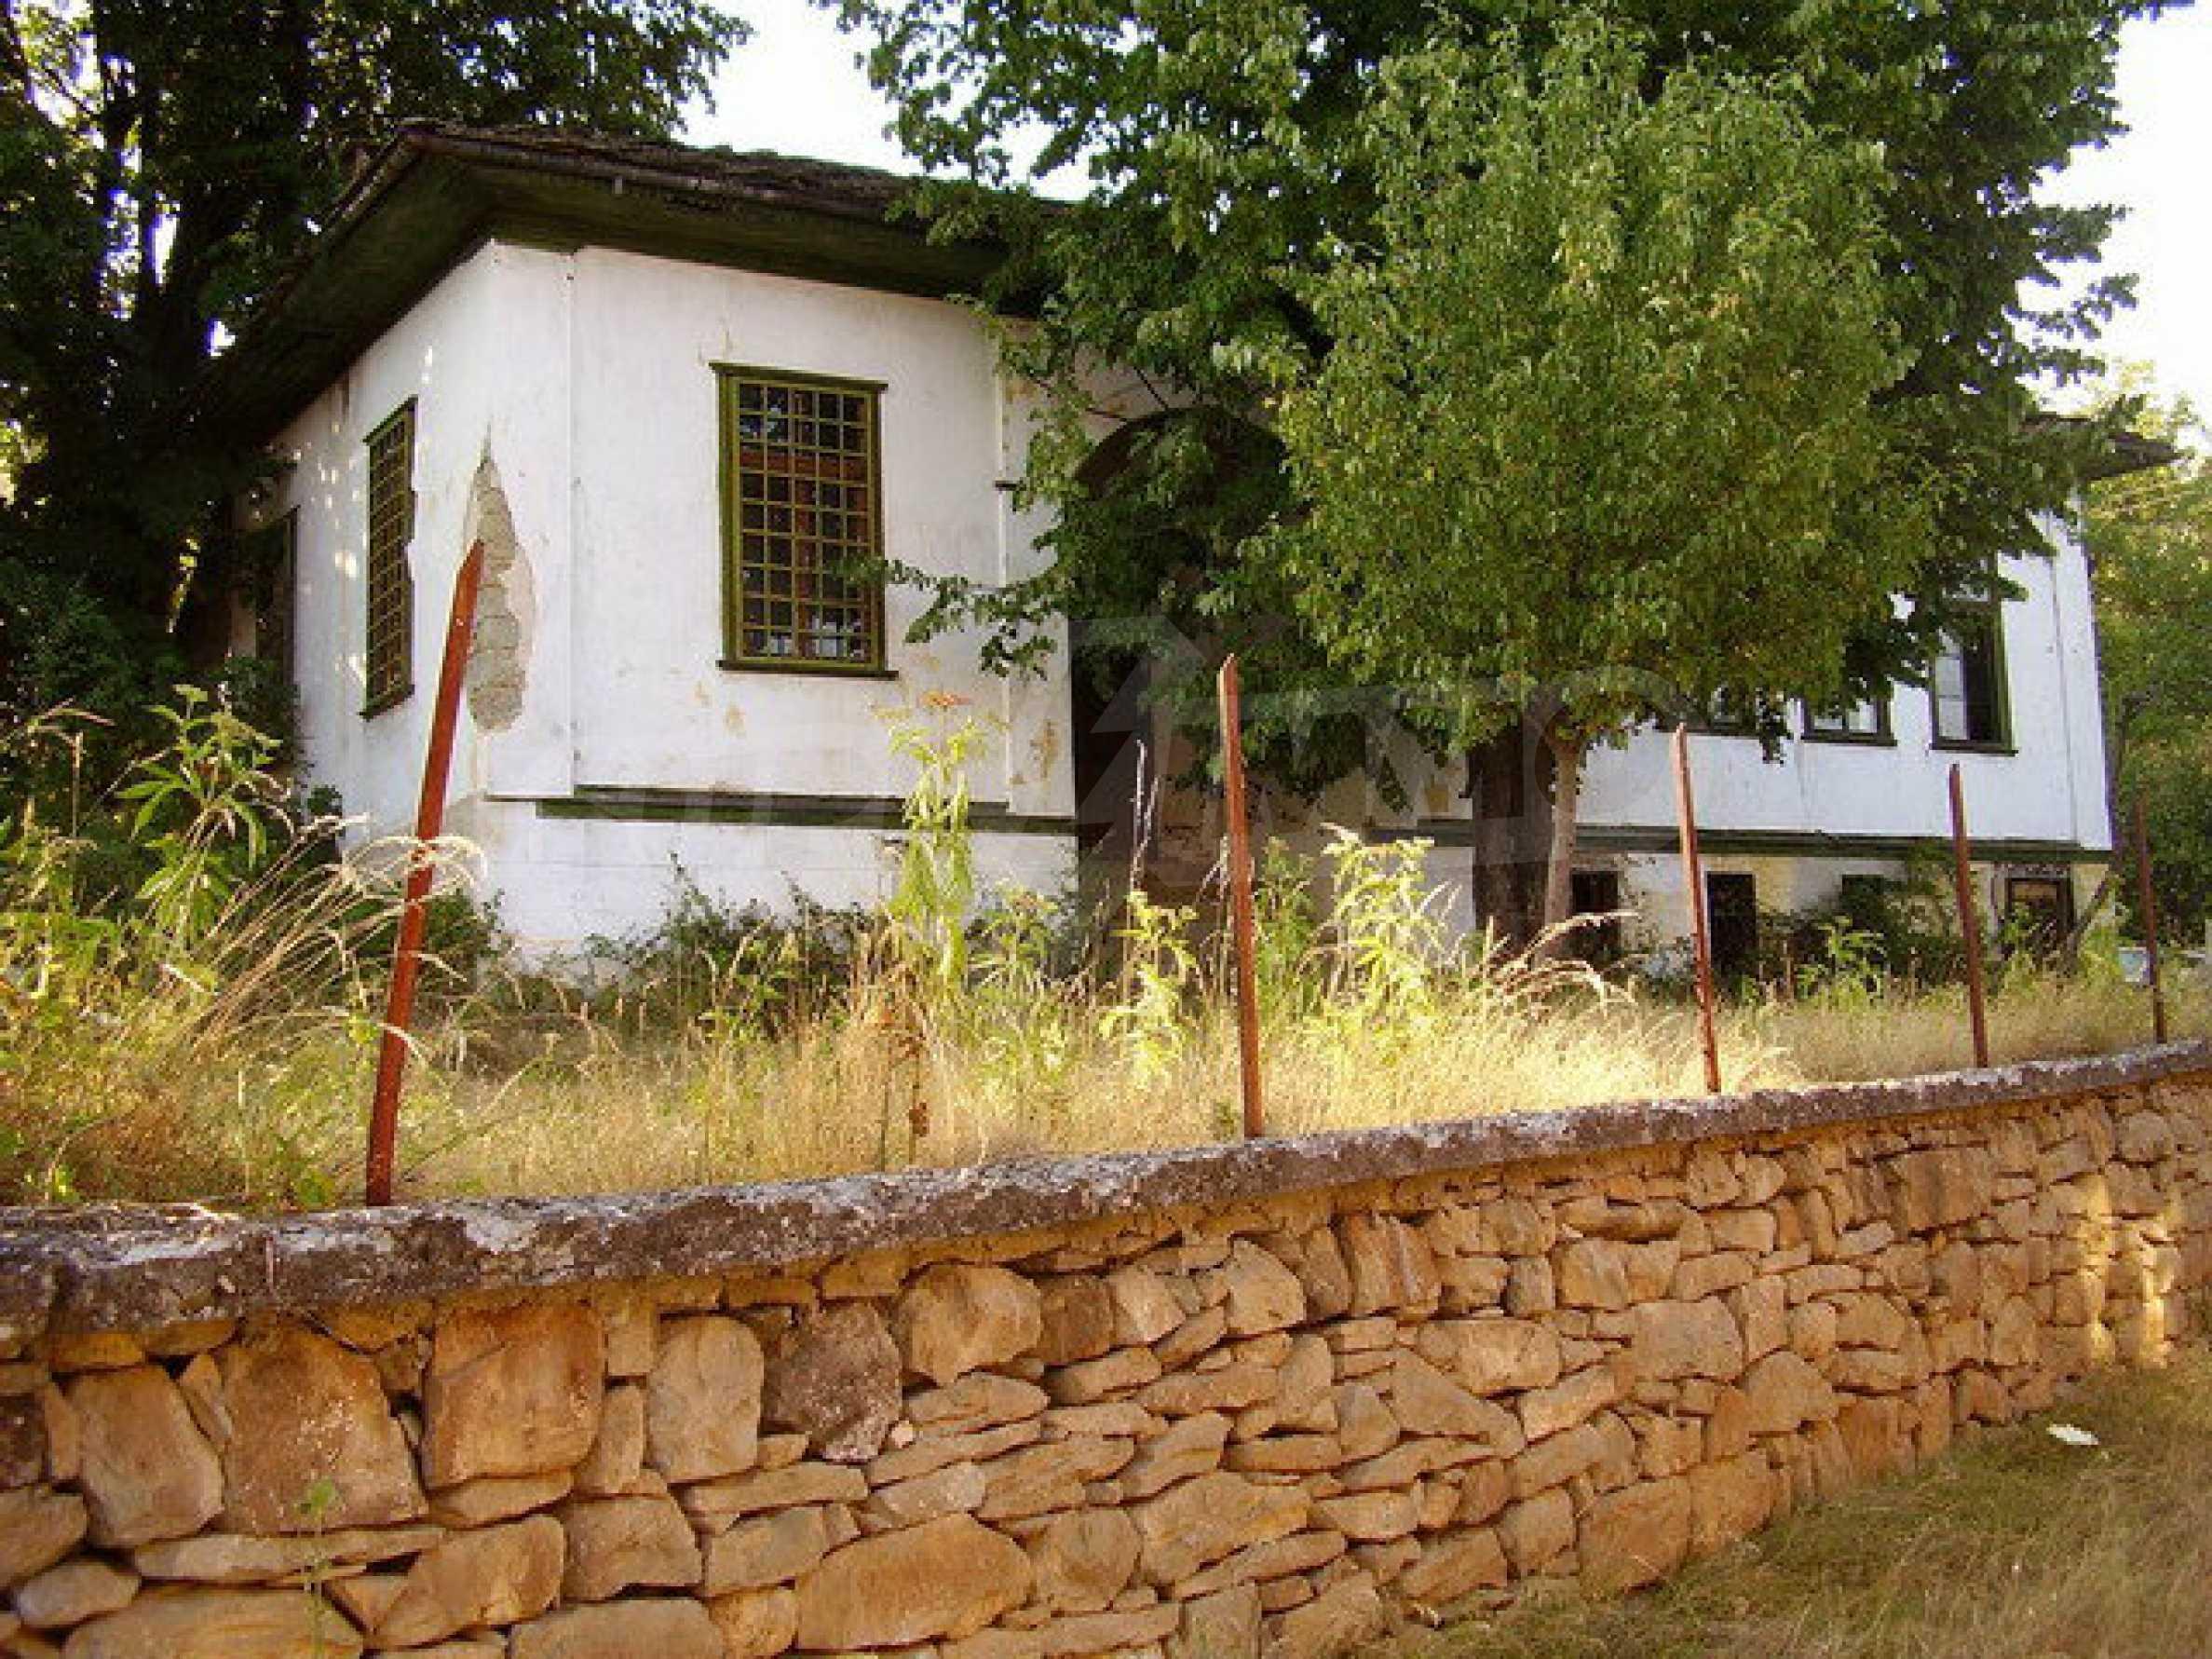 Старая  школа, построенная из камня, в чистом районе между городами Дряново и Трявна